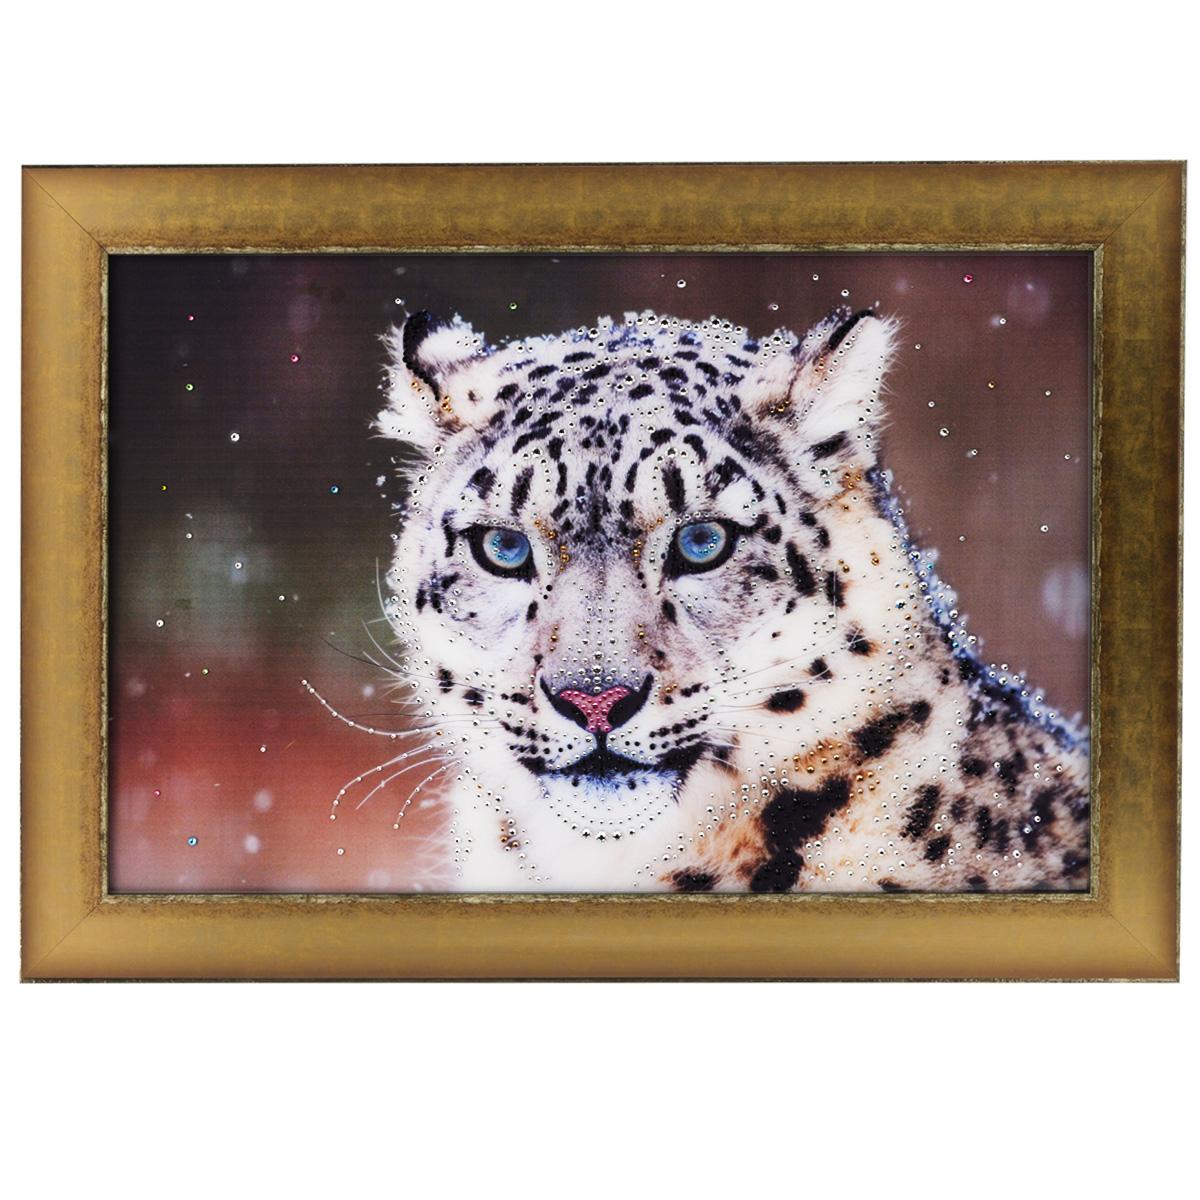 Картина с кристаллами Swarovski Снежный барс, 70 см х 50 см1287Изящная картина в багетной раме, инкрустирована кристаллами Swarovski, которые отличаются четкой и ровной огранкой, ярким блеском и чистотой цвета. Красочное изображение снежного барса, расположенное под стеклом, прекрасно дополняет блеск кристаллов. С обратной стороны имеется металлическая проволока для размещения картины на стене. Картина с кристаллами Swarovski Снежный барс элегантно украсит интерьер дома или офиса, а также станет прекрасным подарком, который обязательно понравится получателю. Блеск кристаллов в интерьере, что может быть сказочнее и удивительнее. Картина упакована в подарочную картонную коробку синего цвета и комплектуется сертификатом соответствия Swarovski.